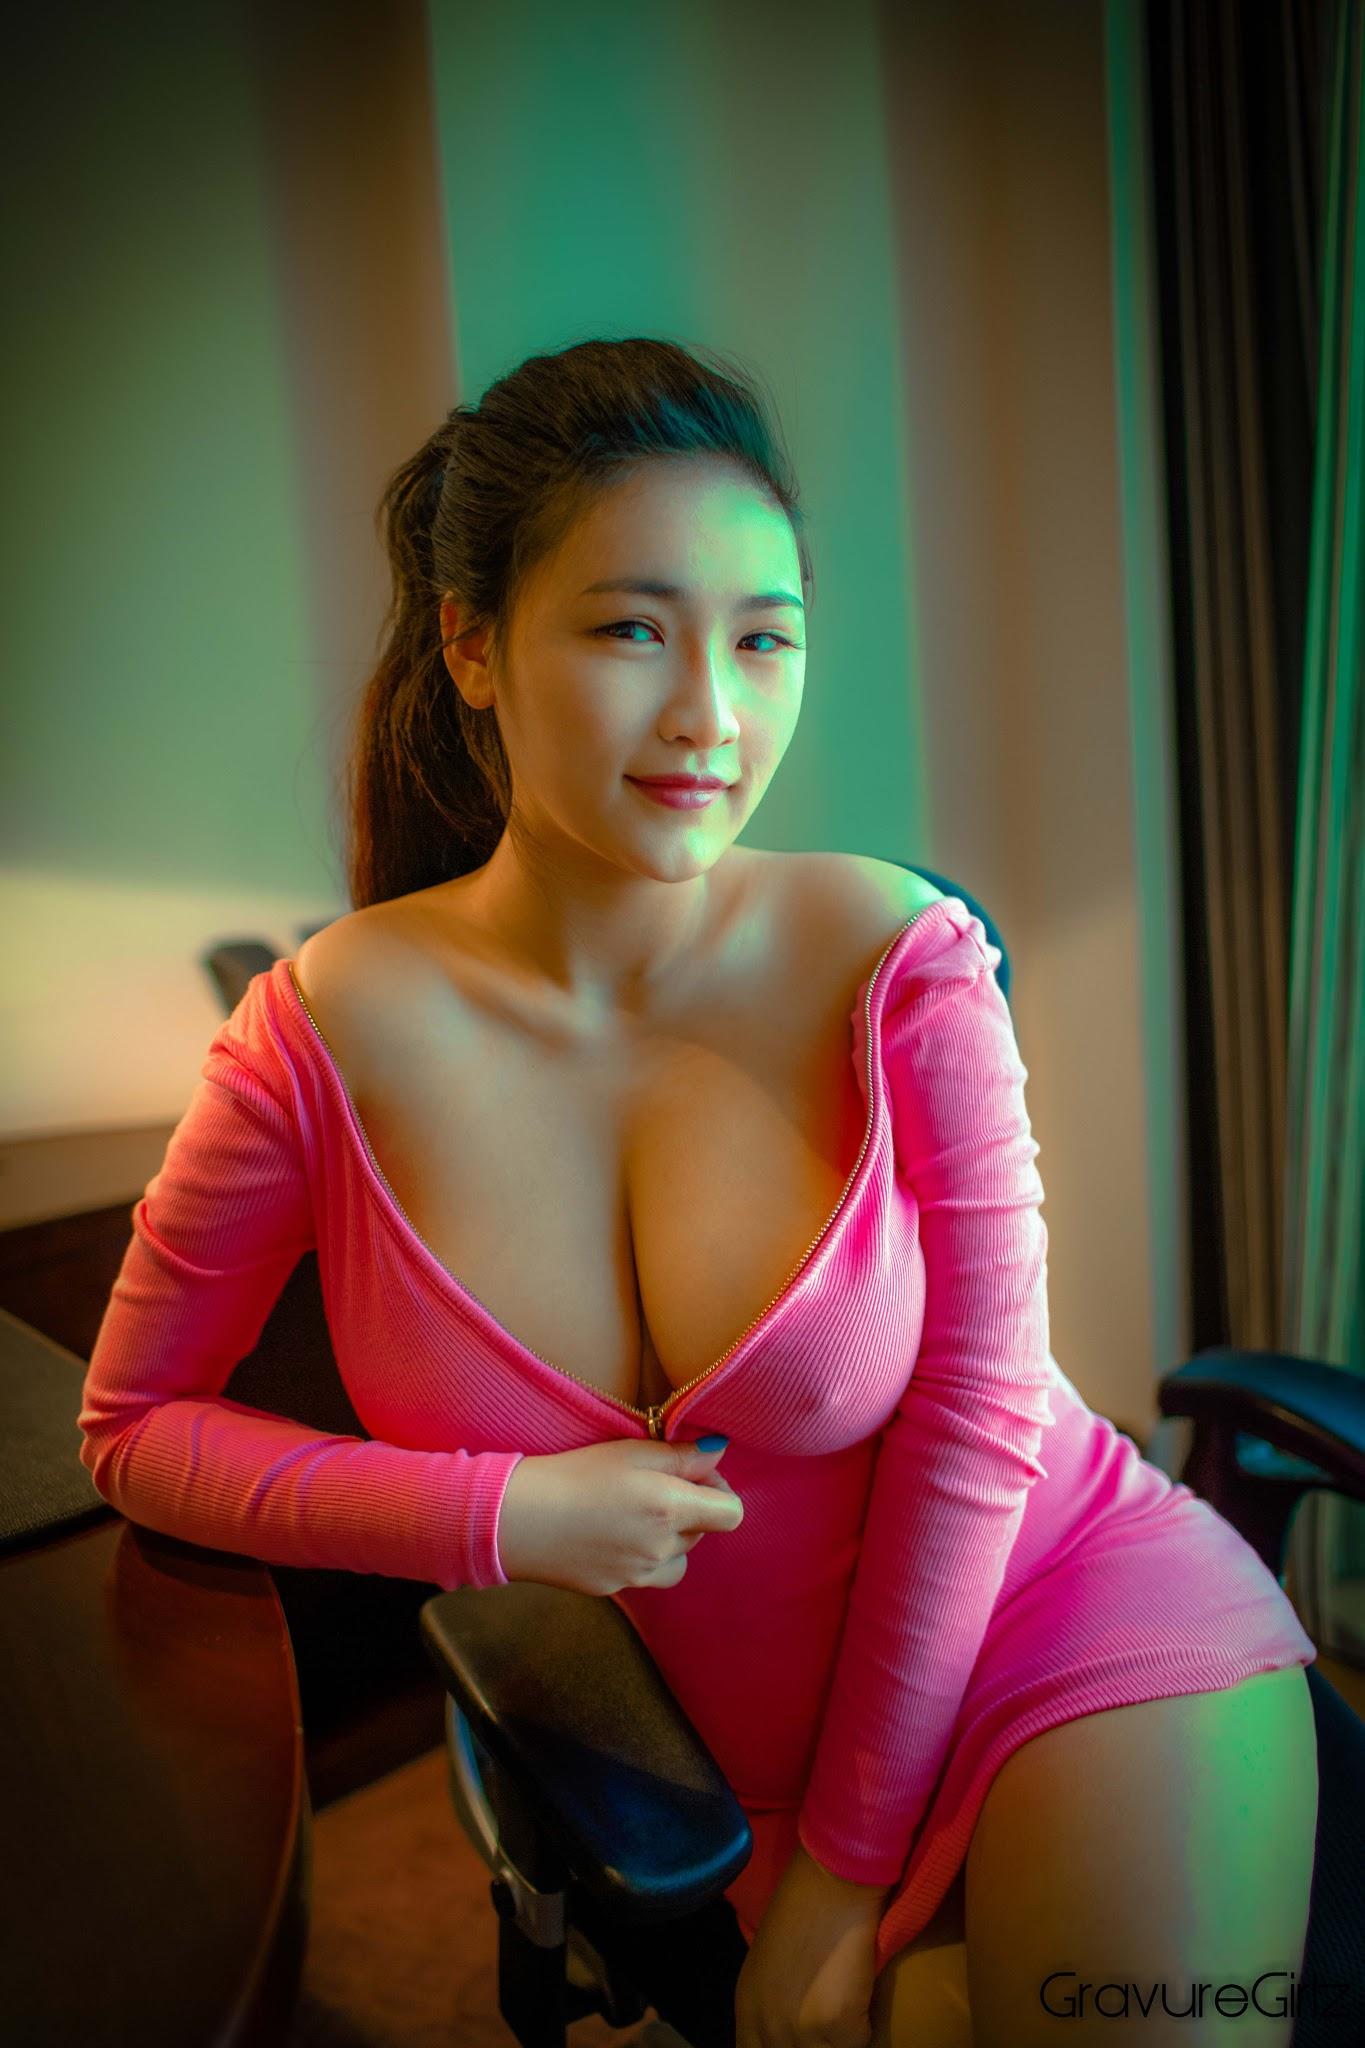 Lian Xin 连欣 | Incredible Tits | Totally Nude | Tuigirl ...